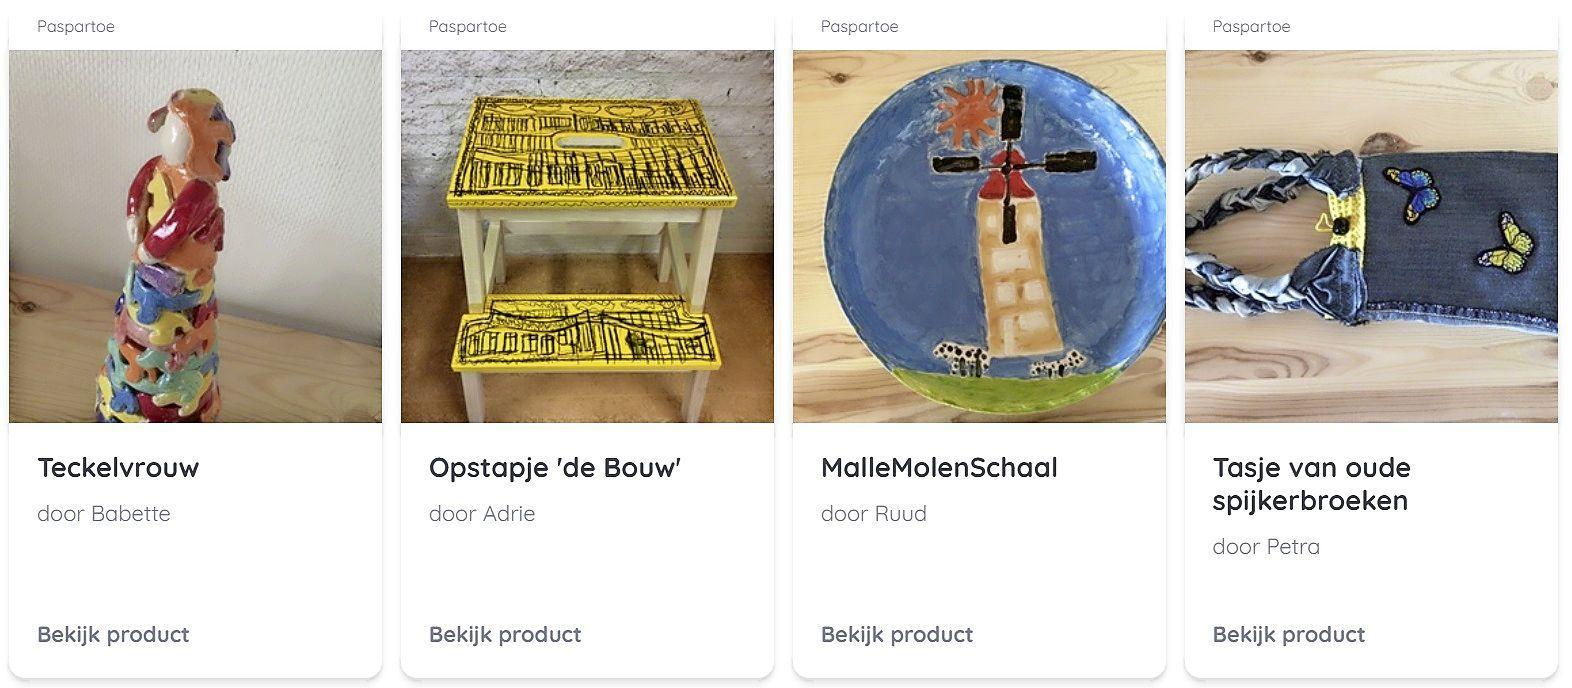 Paspartoe uit Noordwijk verkoopt eigen kunst op BlijGoed: 'De kunstenaars zijn er heel erg mee bezig'